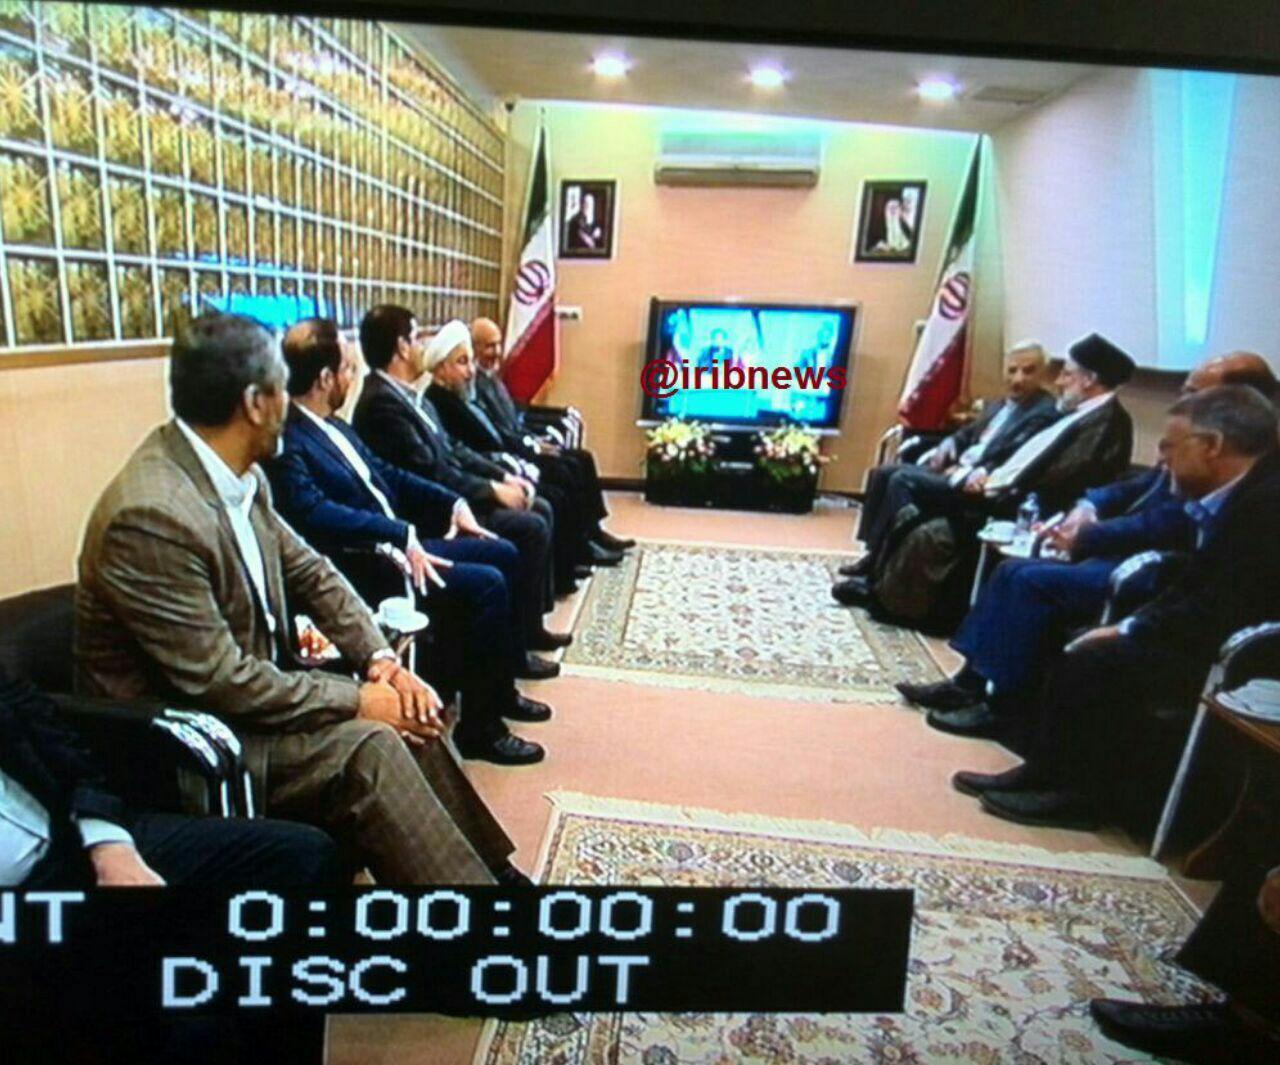 اولین مناظره ریاست جمهوری: آغاز مناظره در ساعت 16:30/ نامزدها به سالن گریم رفتند